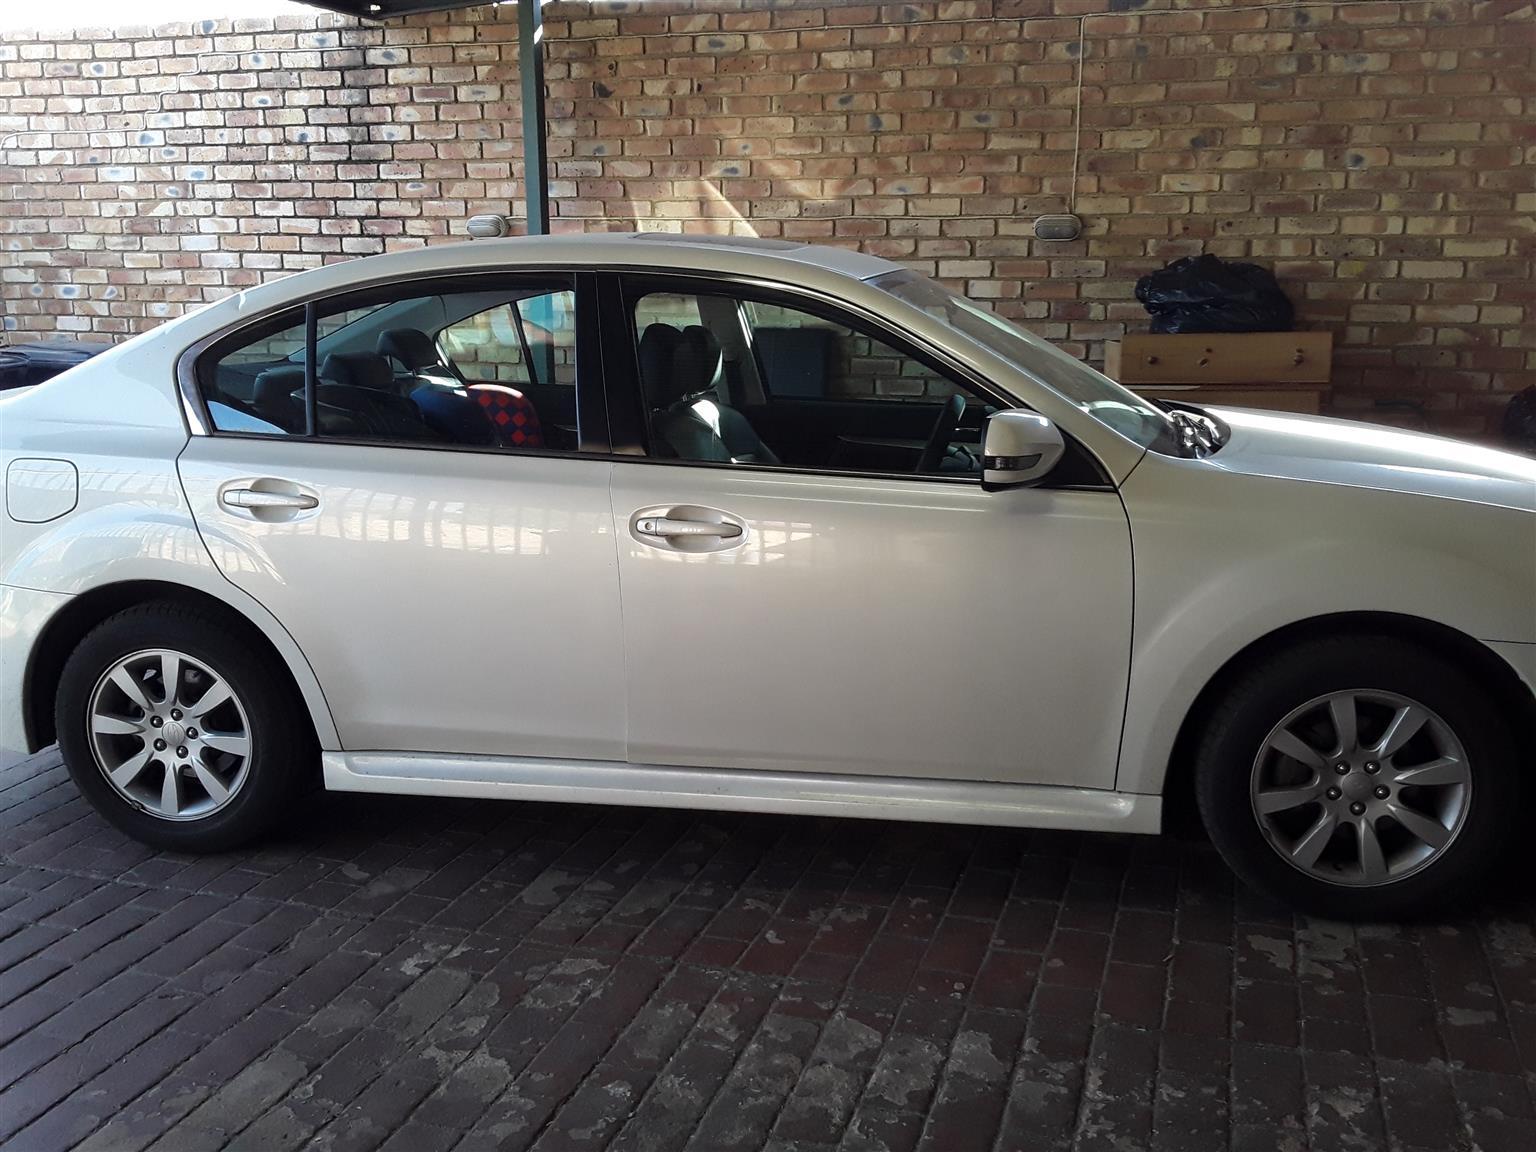 2011 Subaru Legacy 2l premium